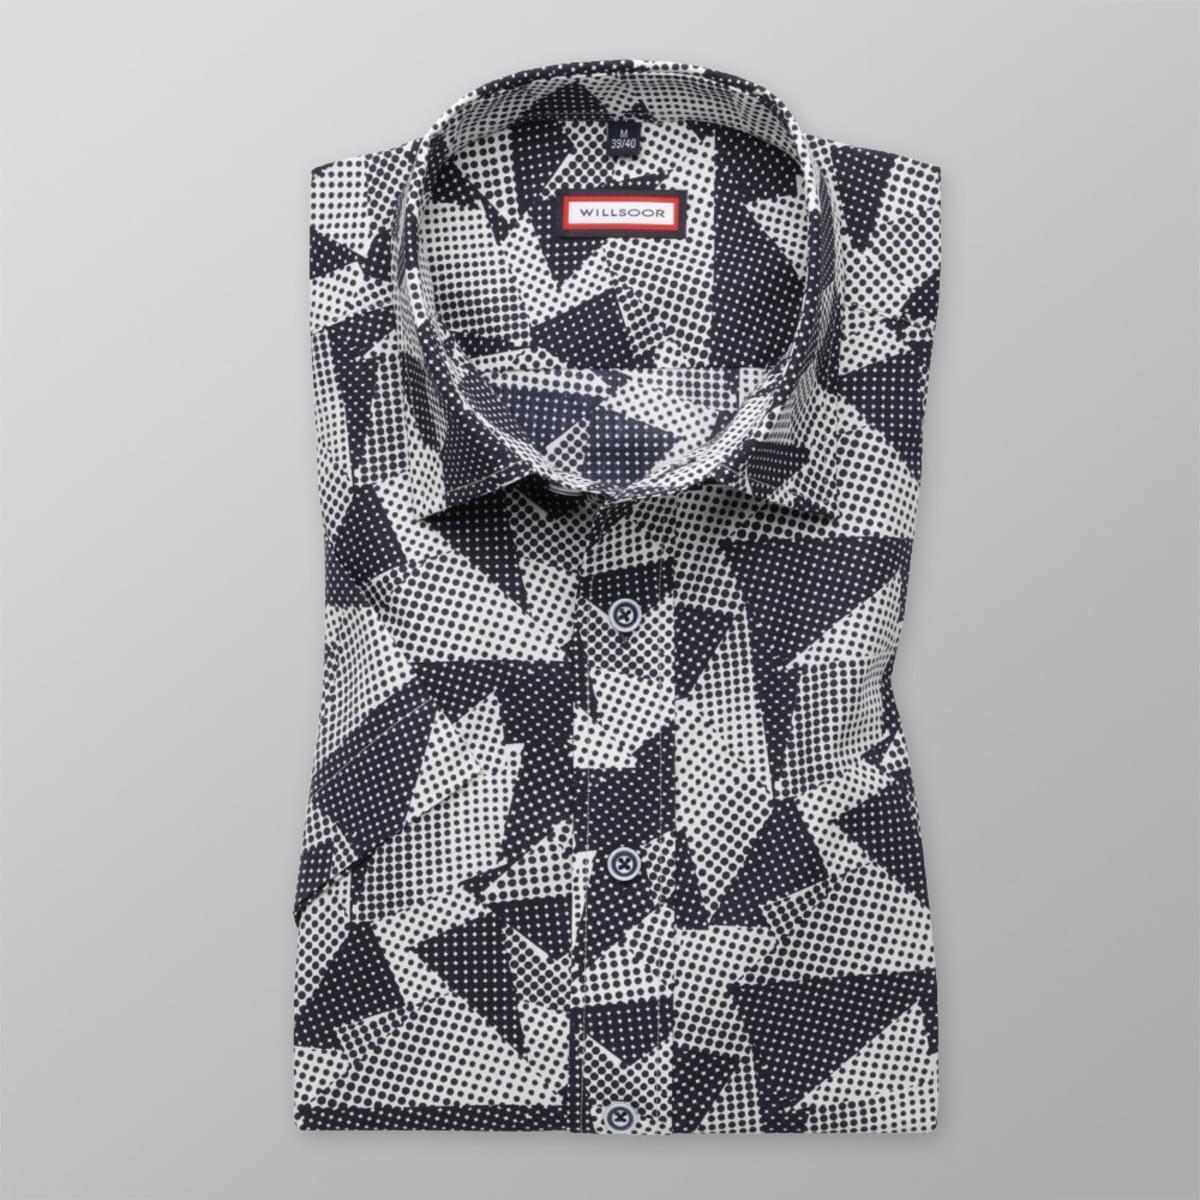 Pánska slim fit košeľa s krátkym rukávom (výška 176-182) 7835 s geometrickými vzory a úpravou easy c 176-182 / M (39/40)